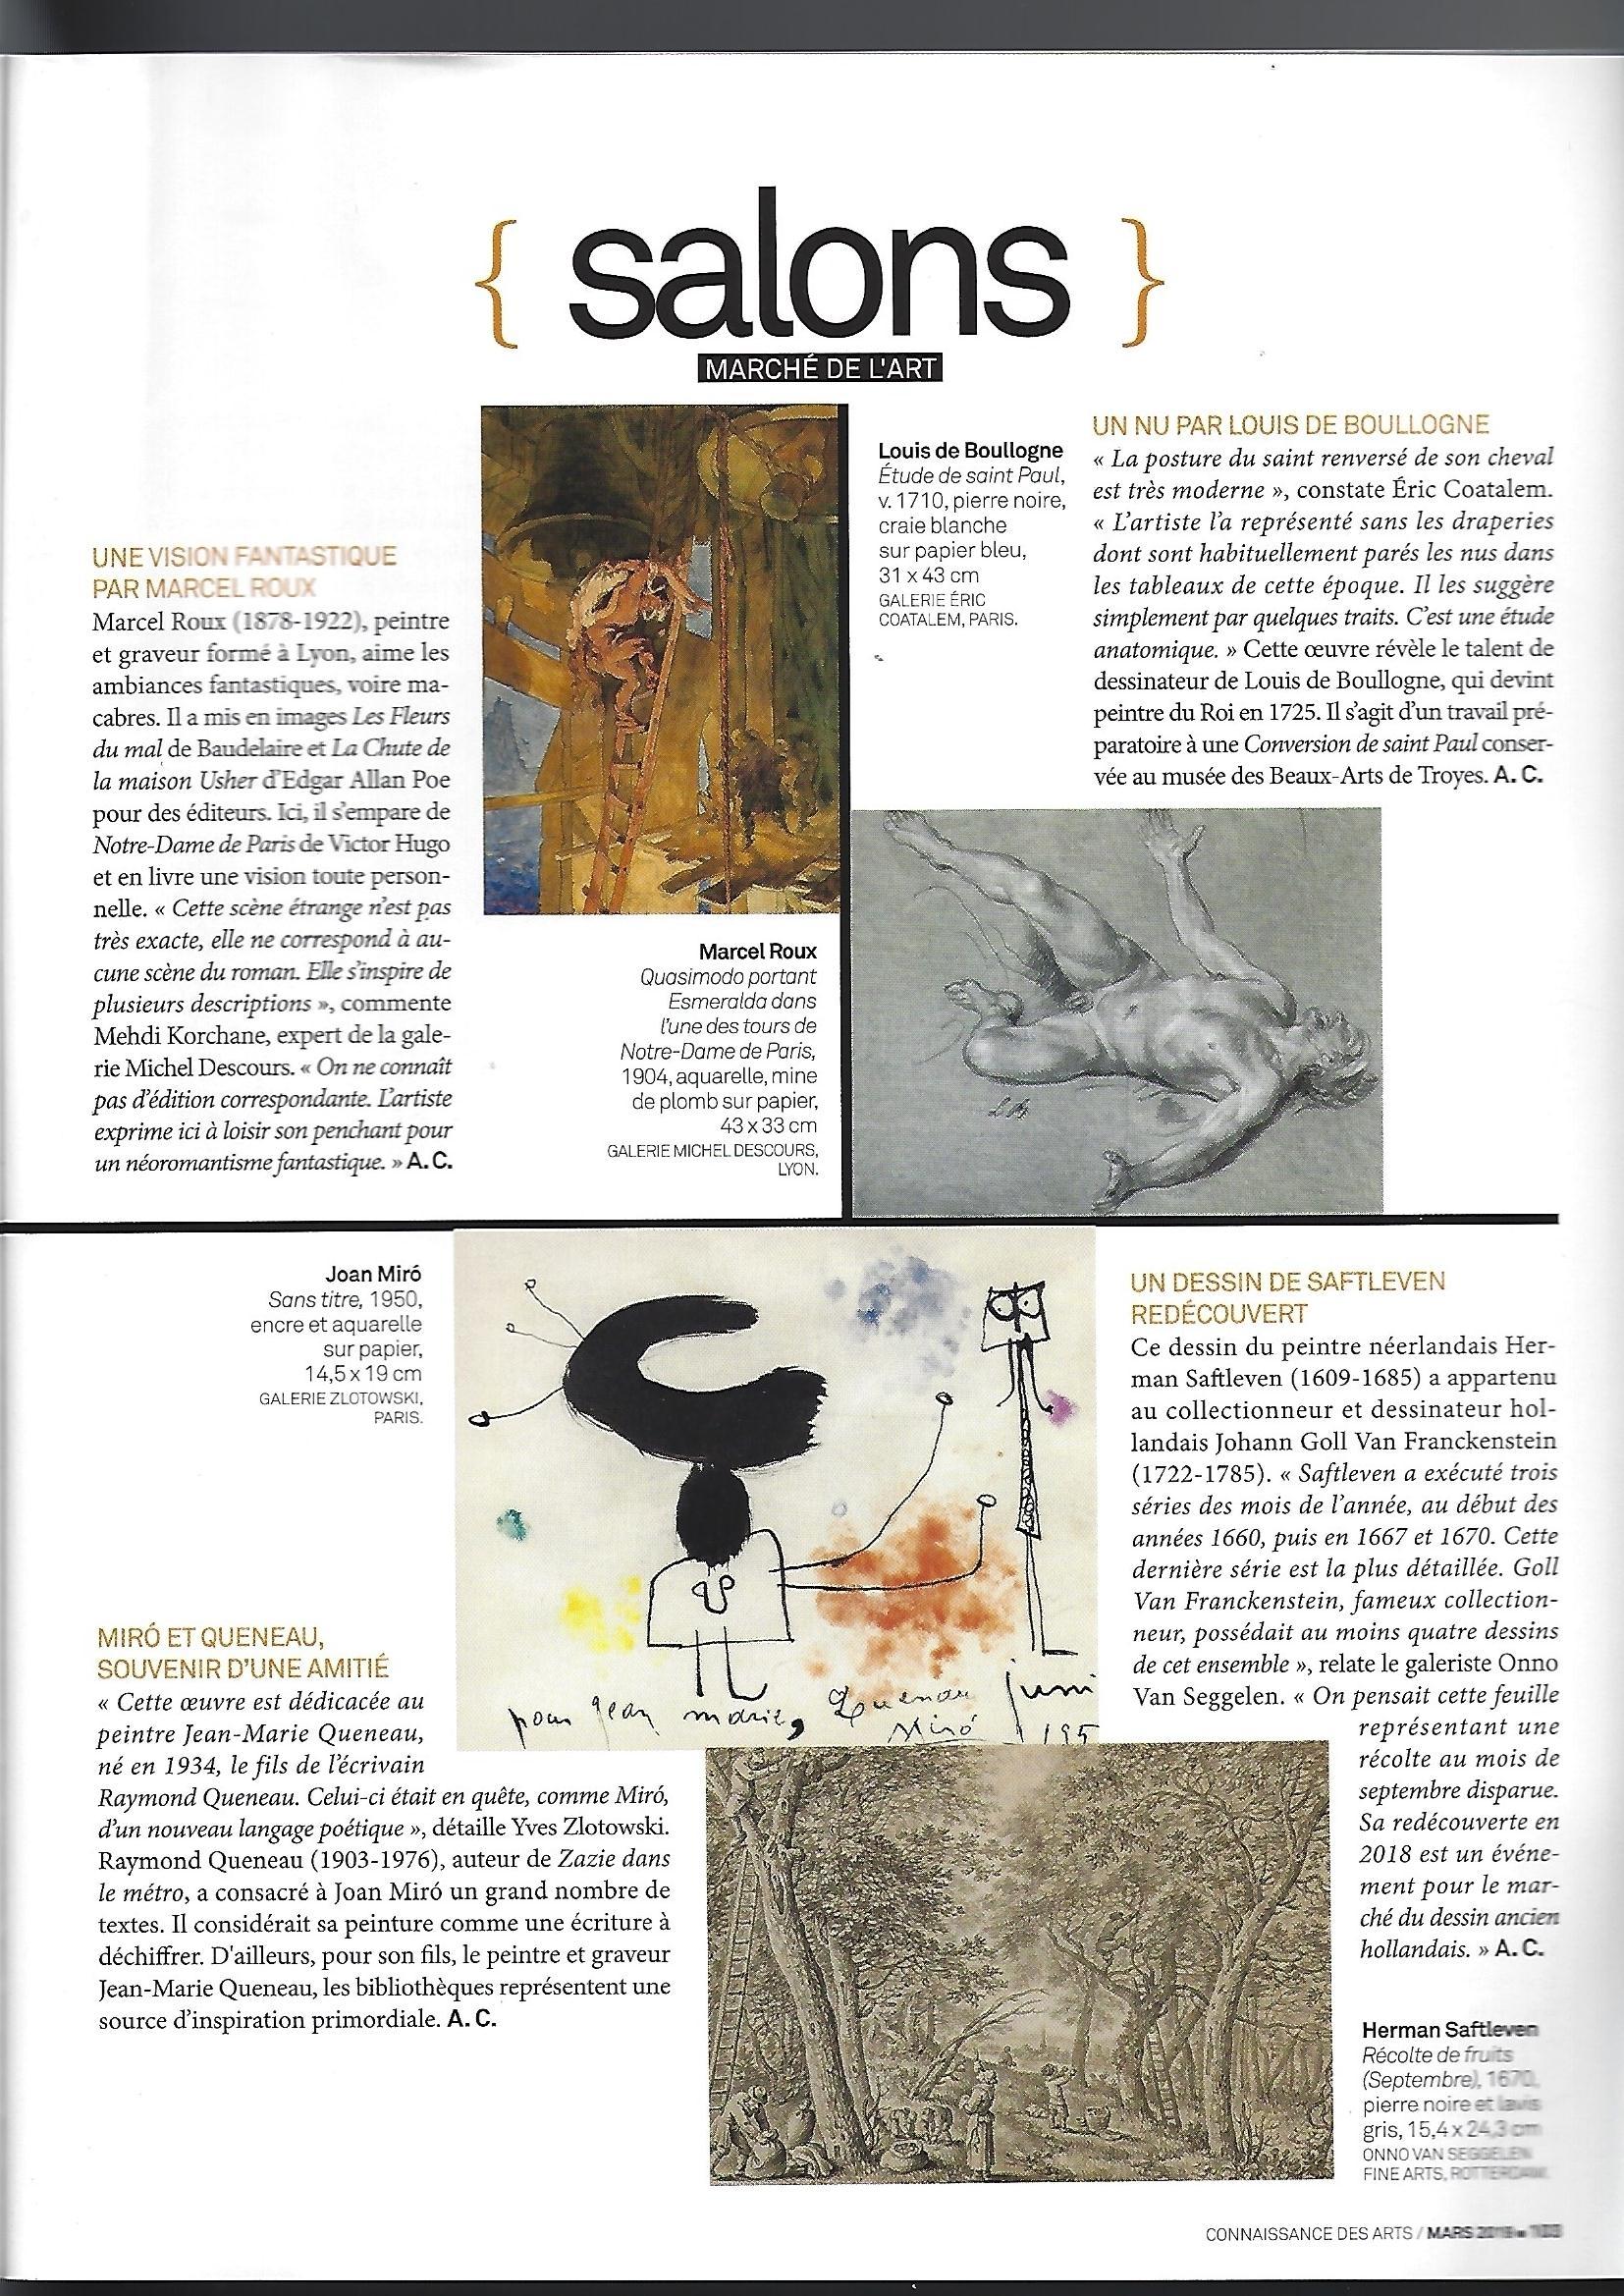 Connaissance des Arts Salon du Dessin 2019 Galerie AB Paris_Page_2